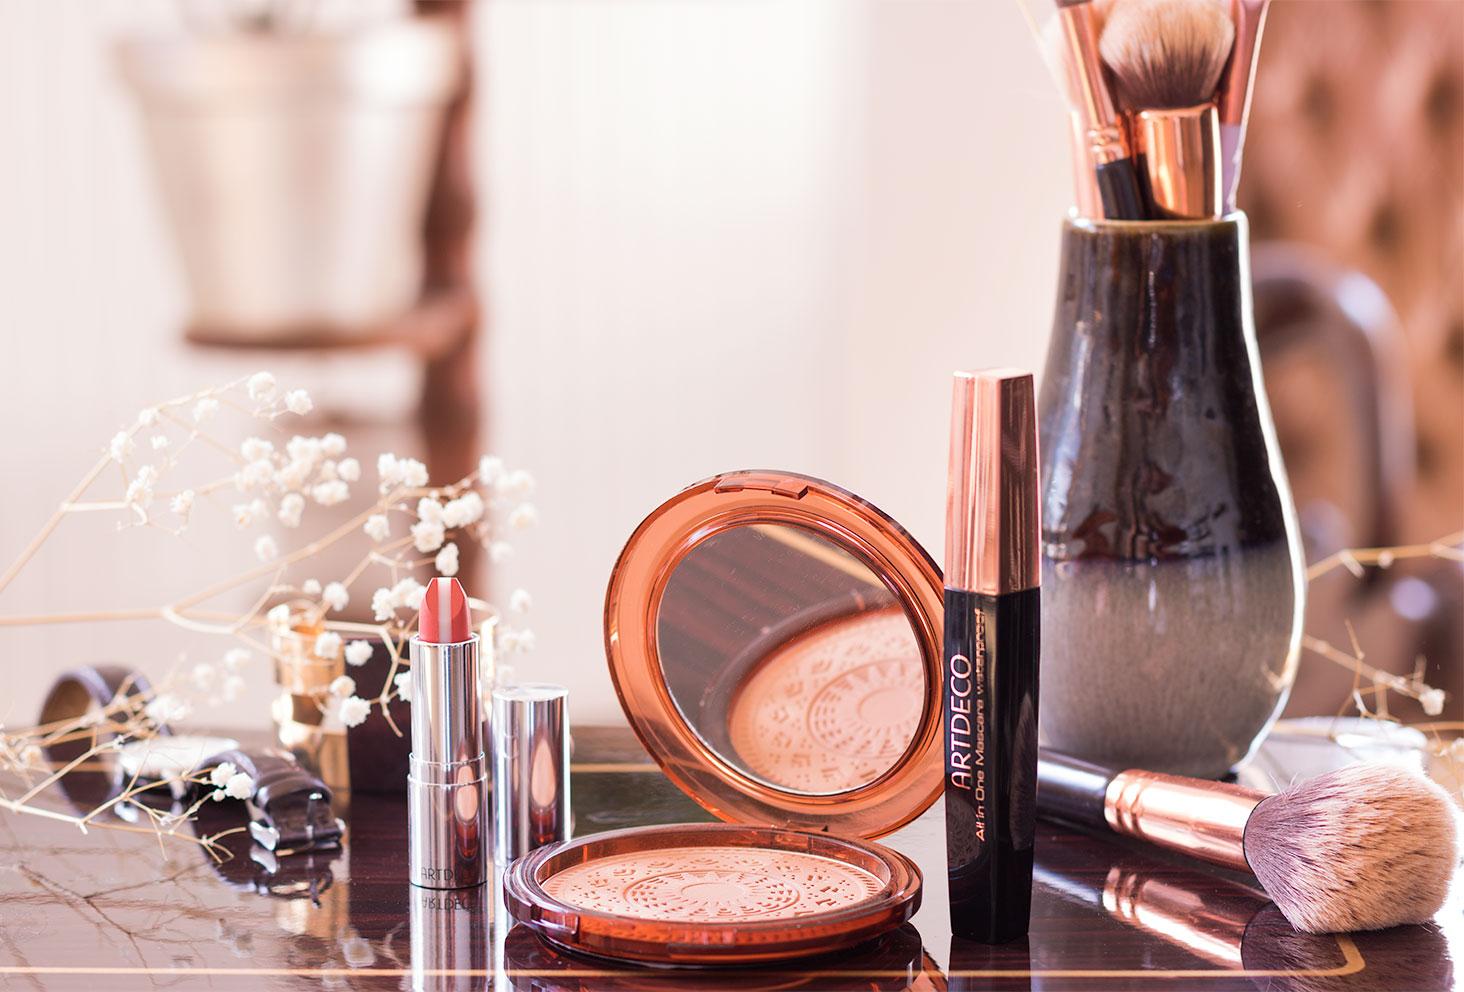 Le rouge à lèvres, la poudre bronzante et le mascara ARTDECO sur une table en bois vernis foncé au milieu des pinceaux à maquillage et des fleurs séchées